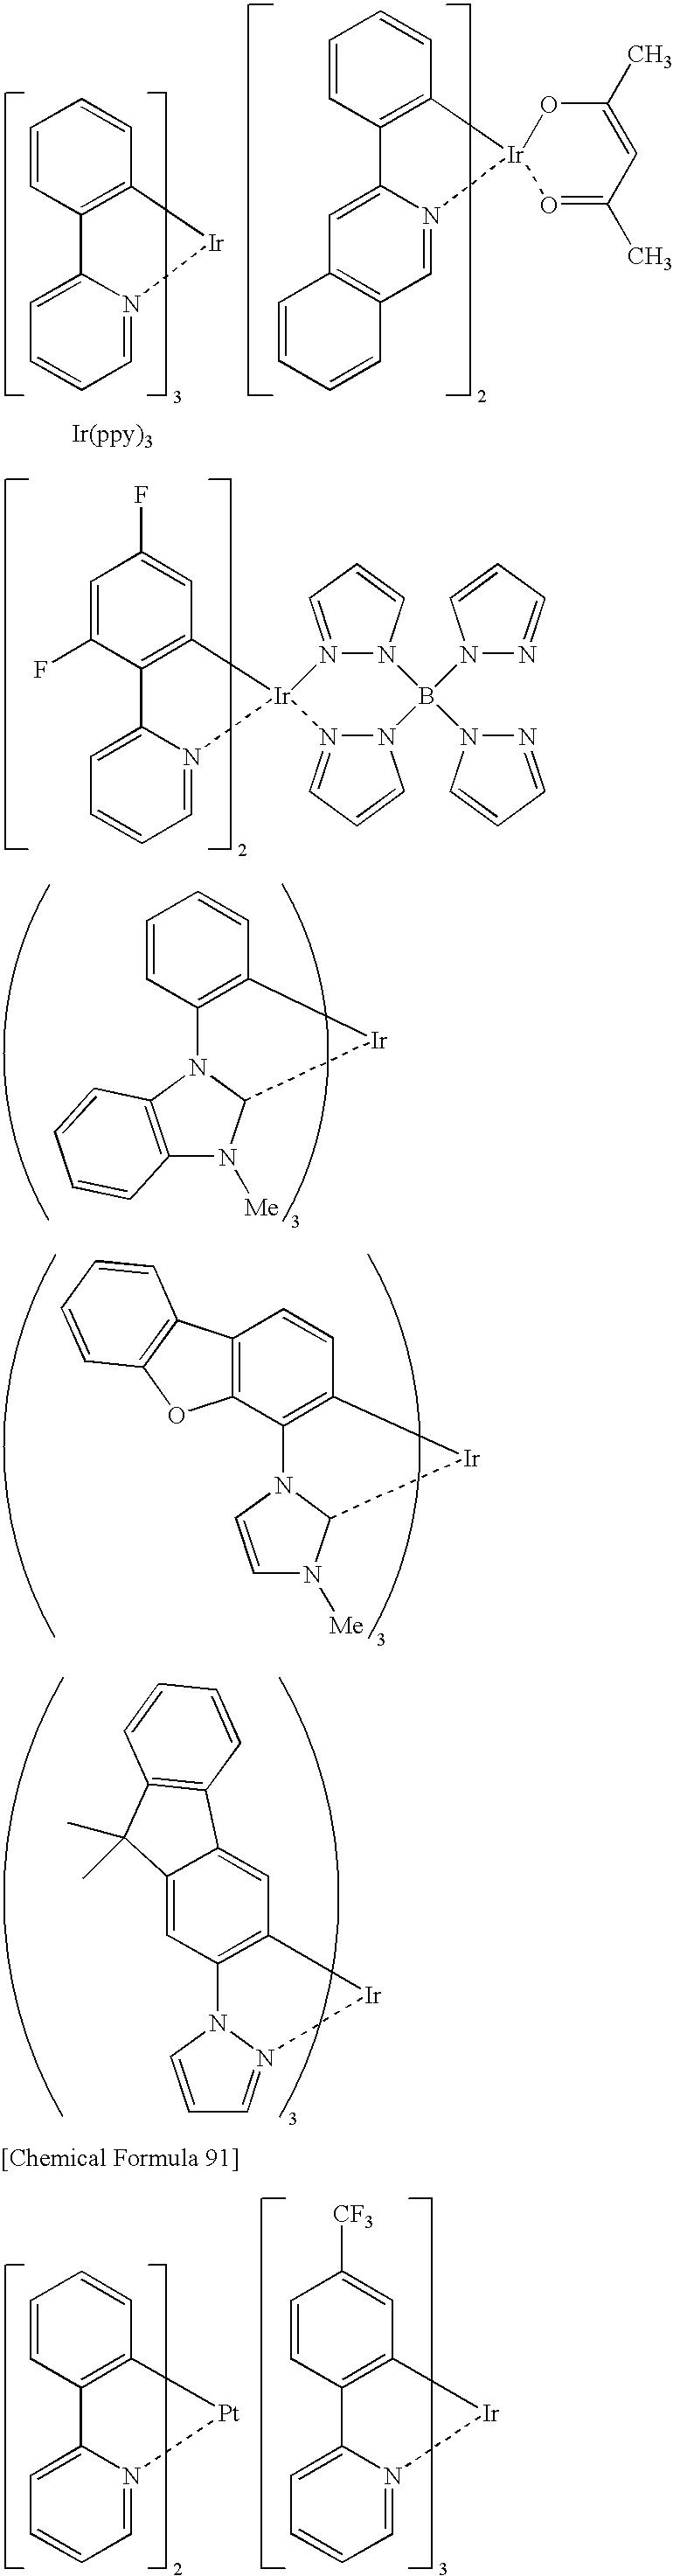 Figure US20100171109A1-20100708-C00157